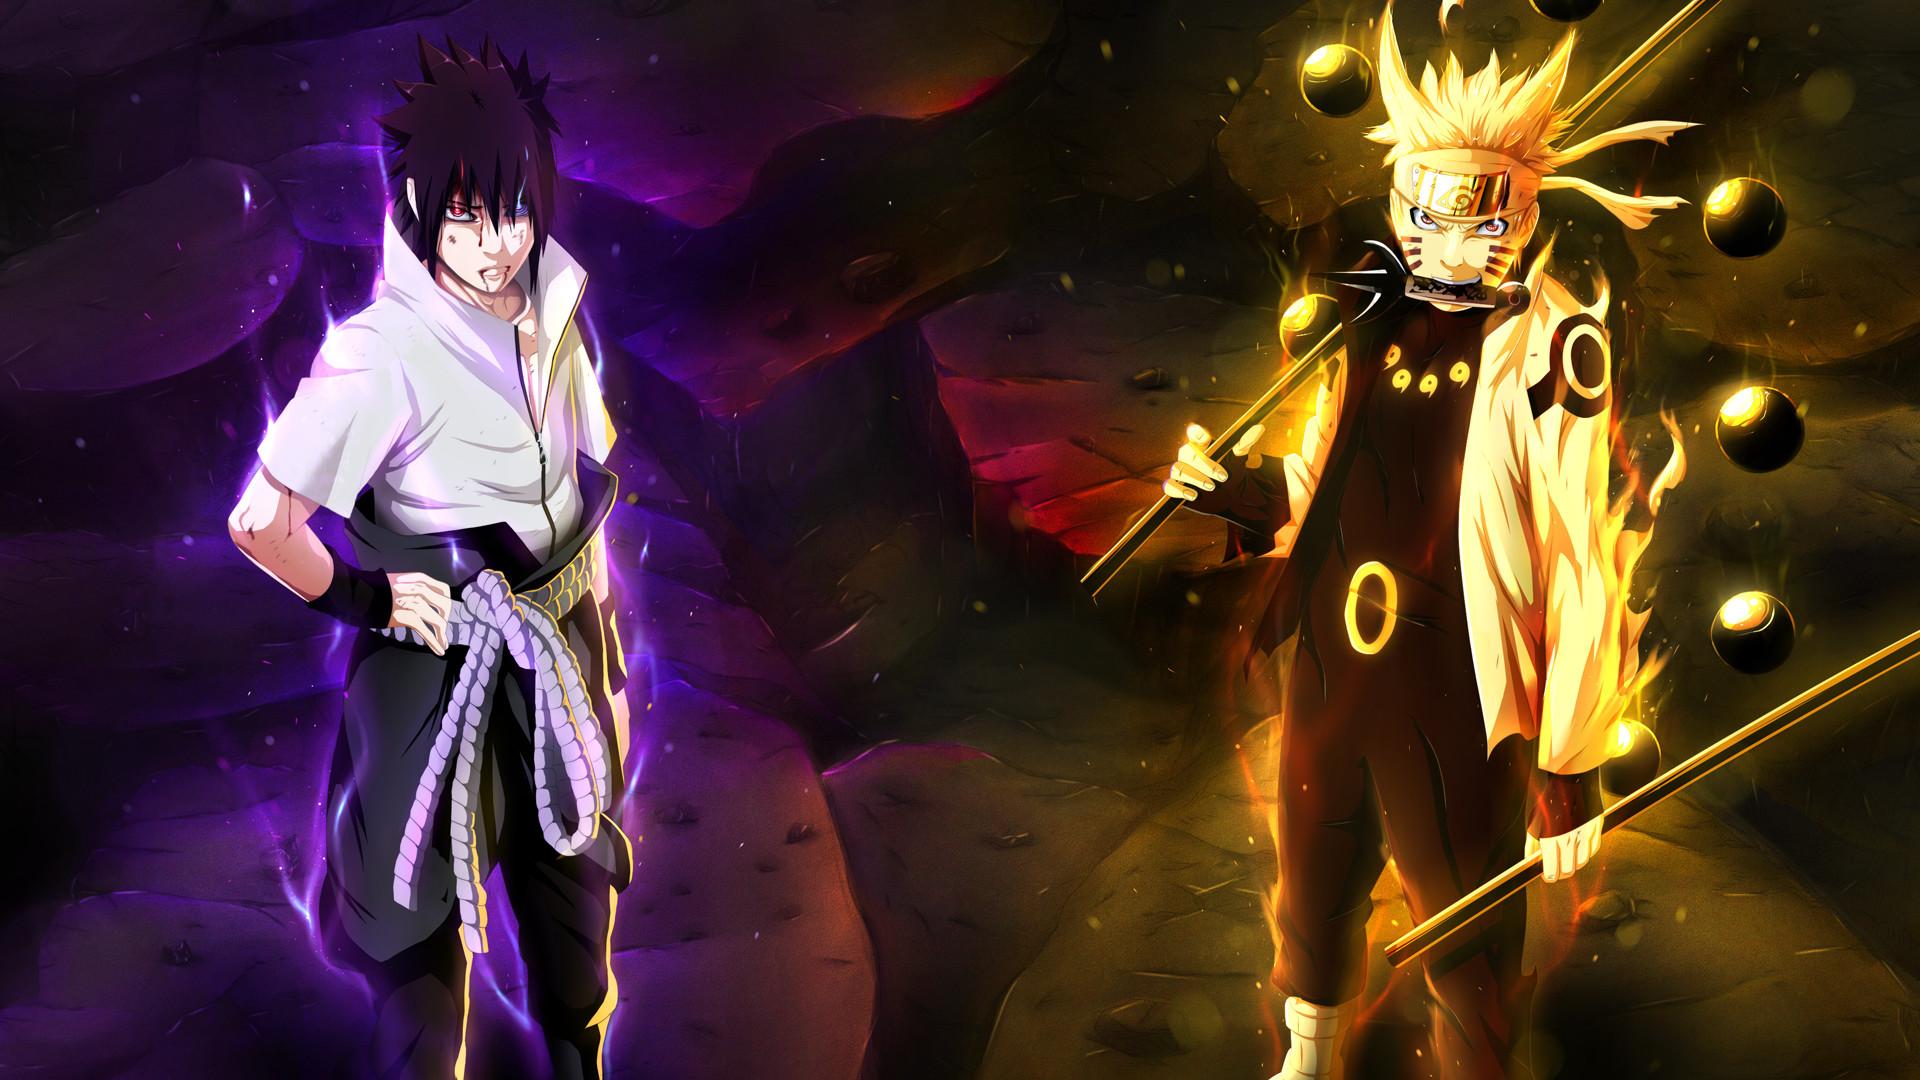 naruto uzumaki sage of six path and uchiha sasuke rinnegan / sharingan eyes